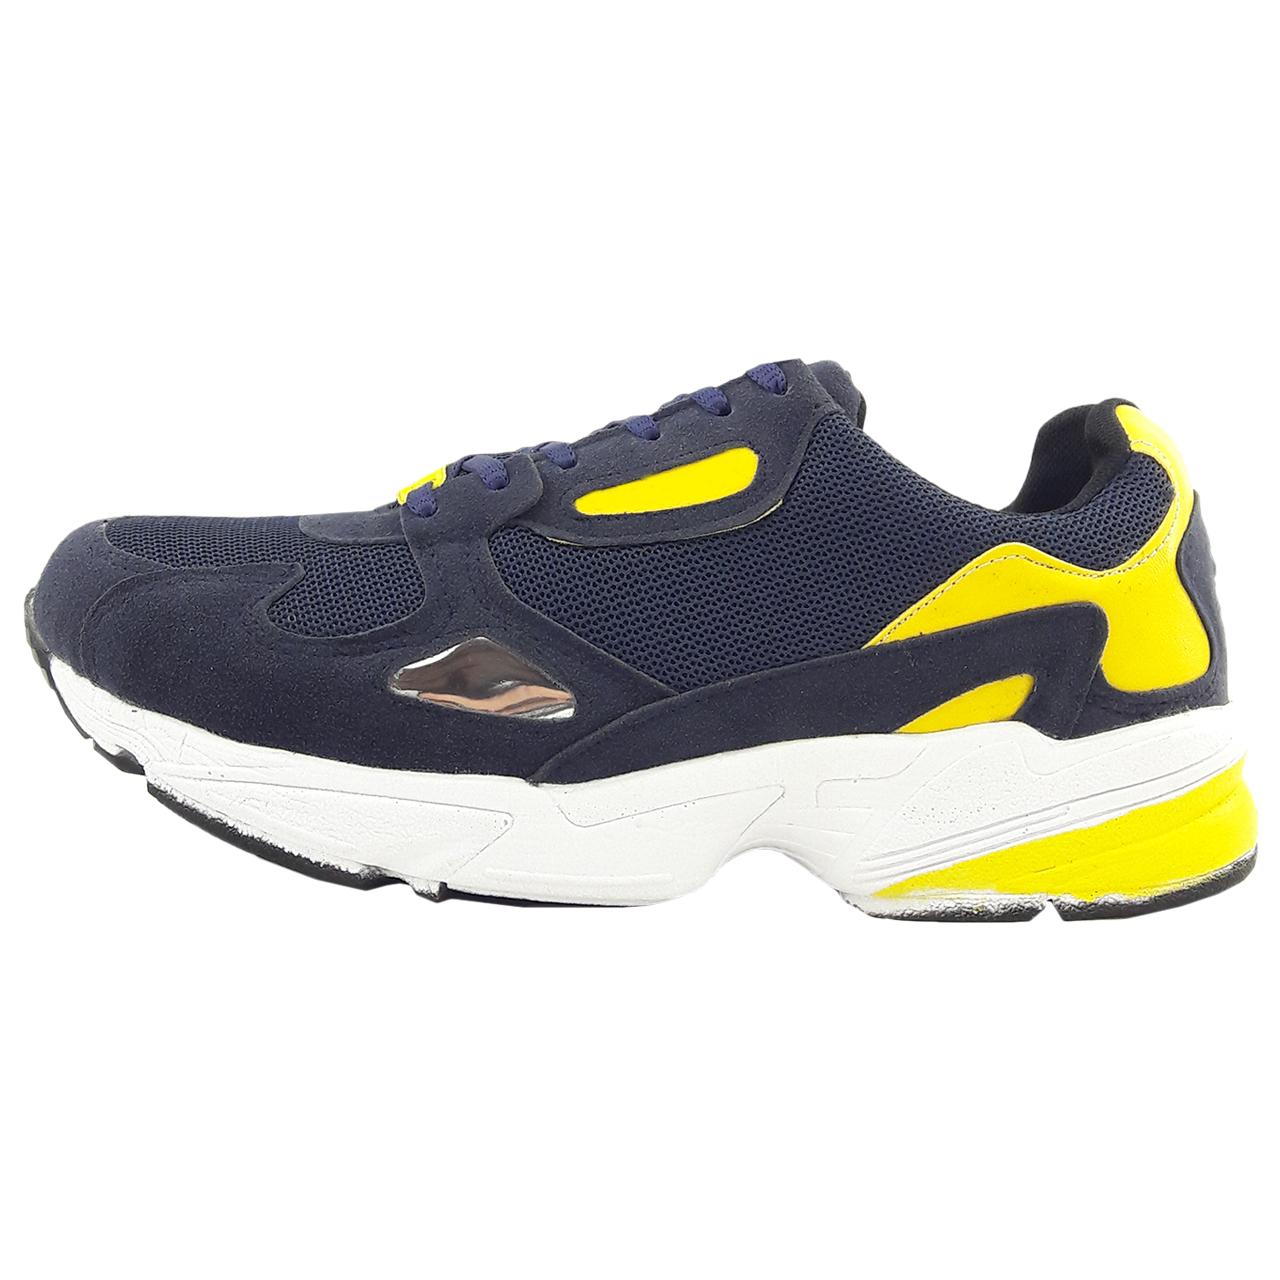 قیمت کفش مخصوص پیاده روی مردانه مدل Flk nvy01